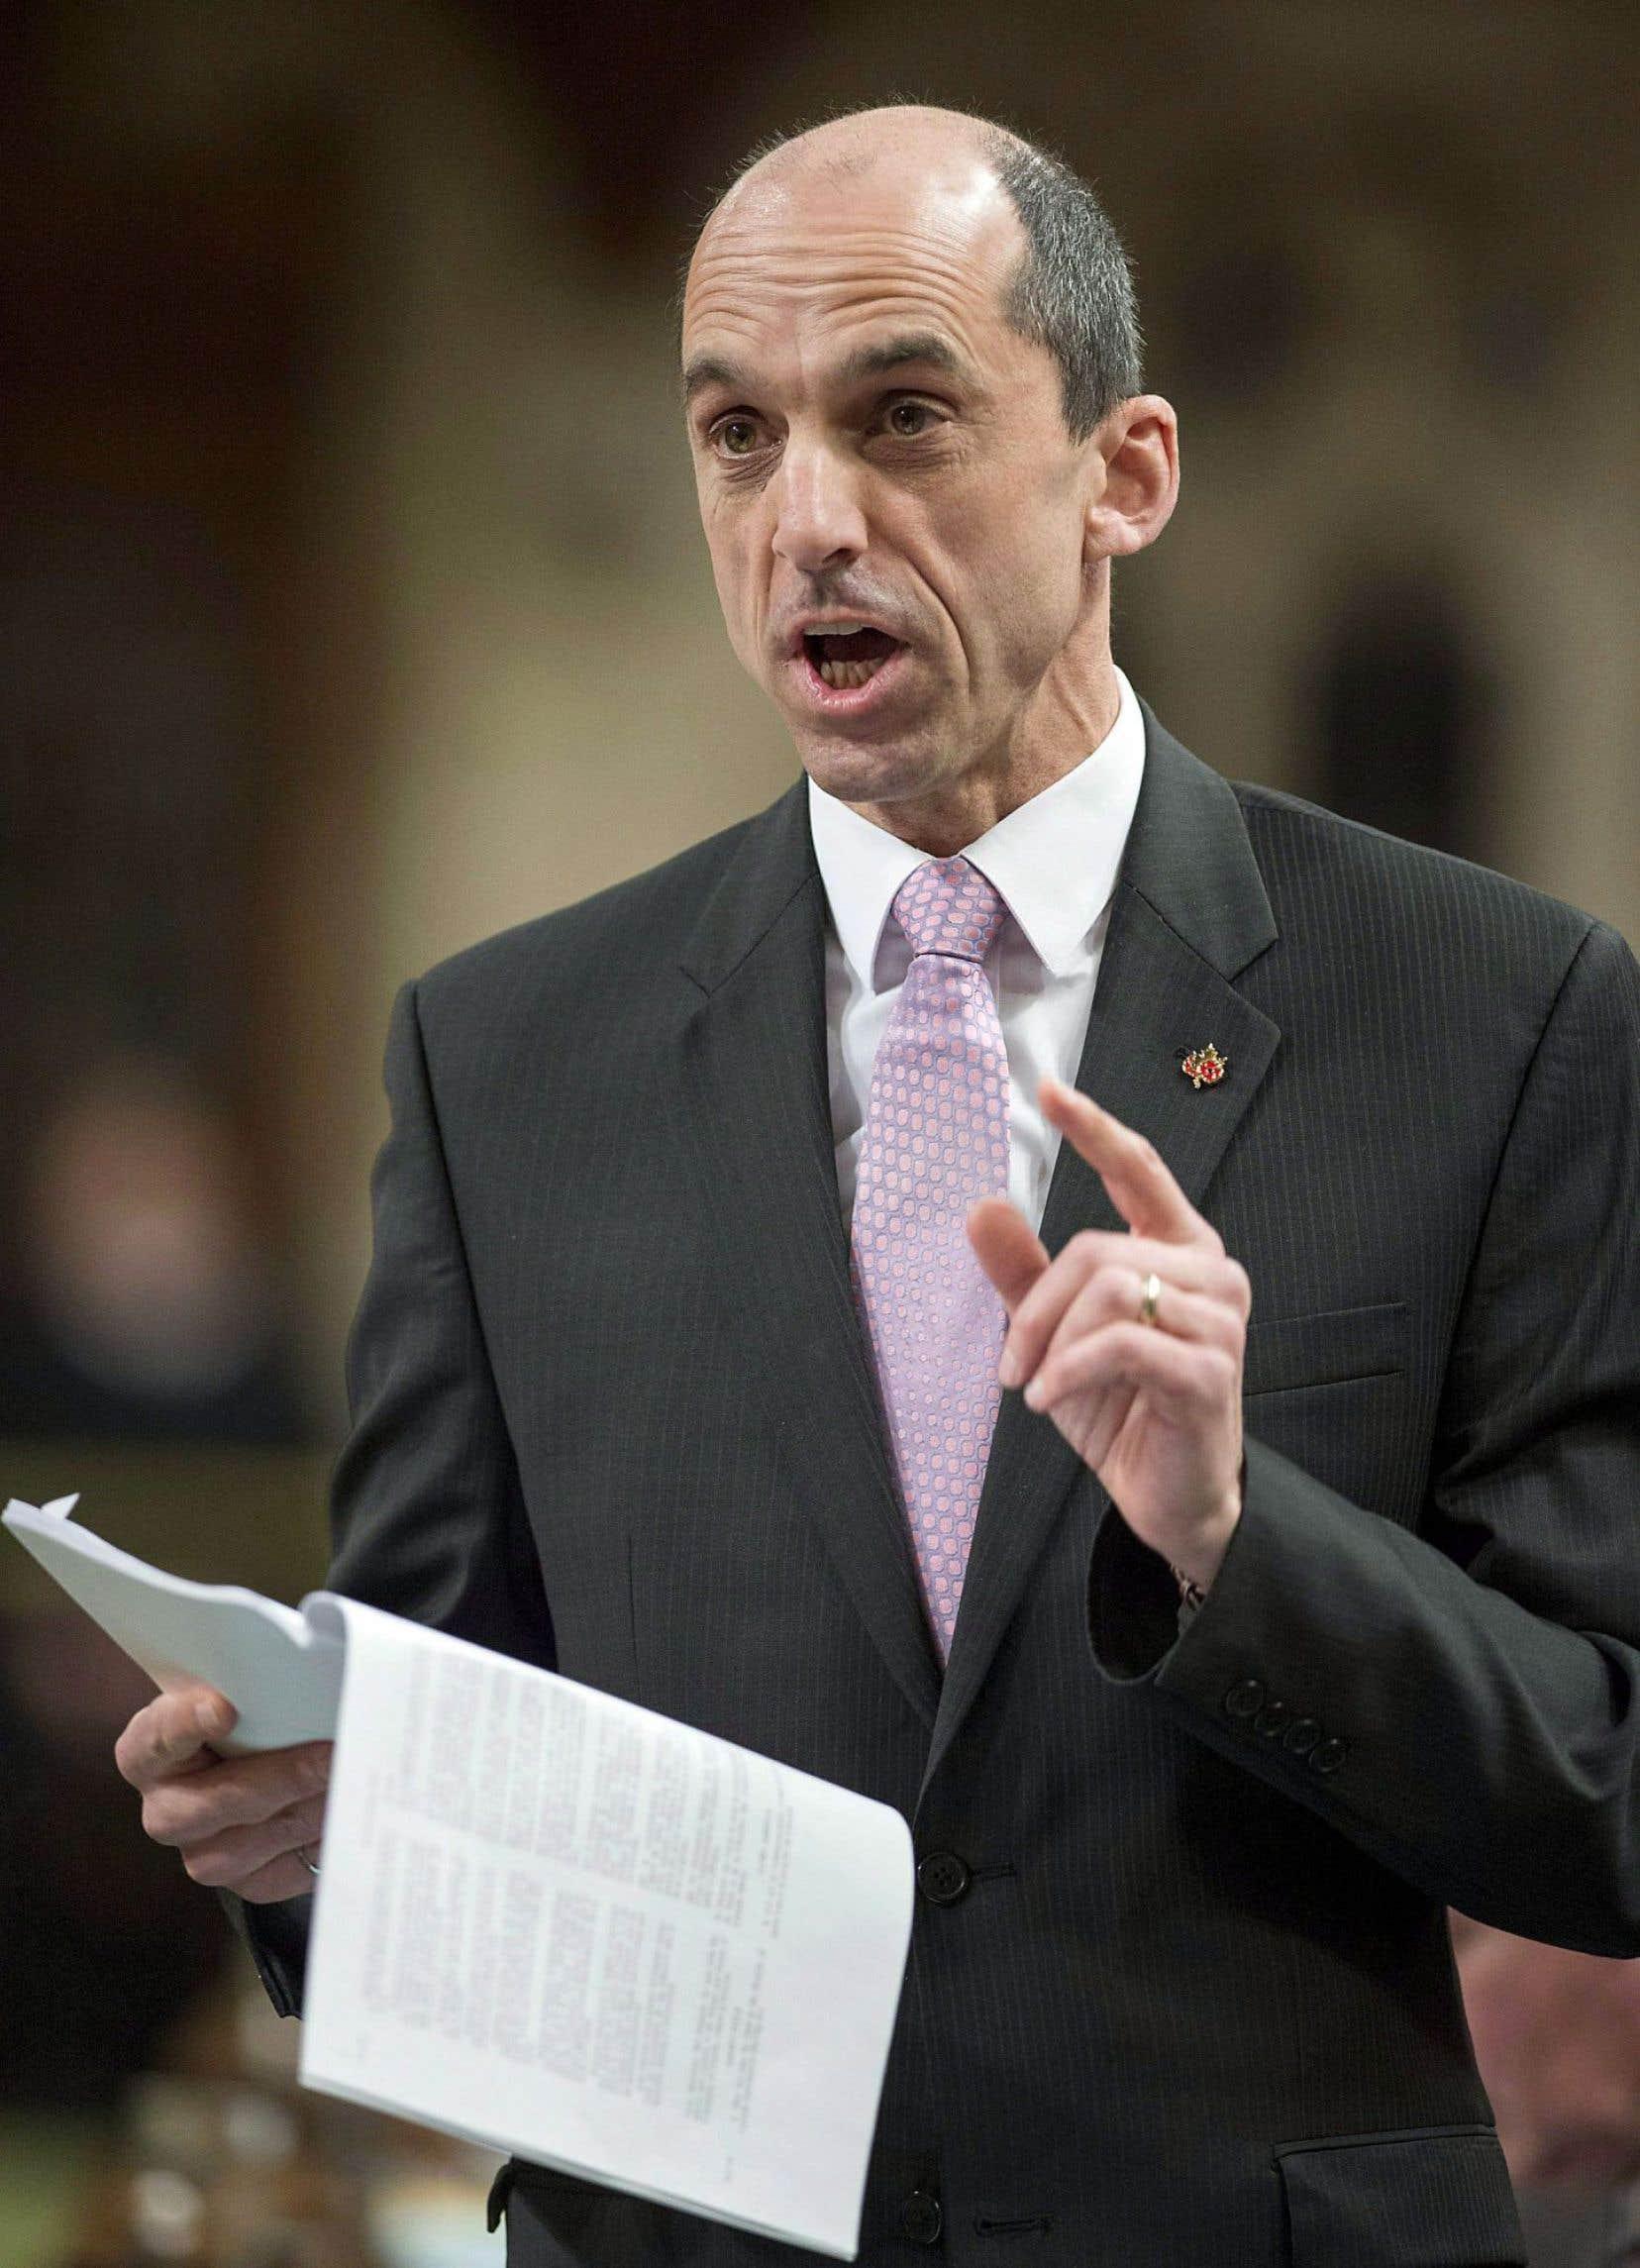 Le ministre fédéral de la Sécurité publique, Steven Blaney, a refusé de commenter les informations qui ont circulé au cours de la journée de jeudi.